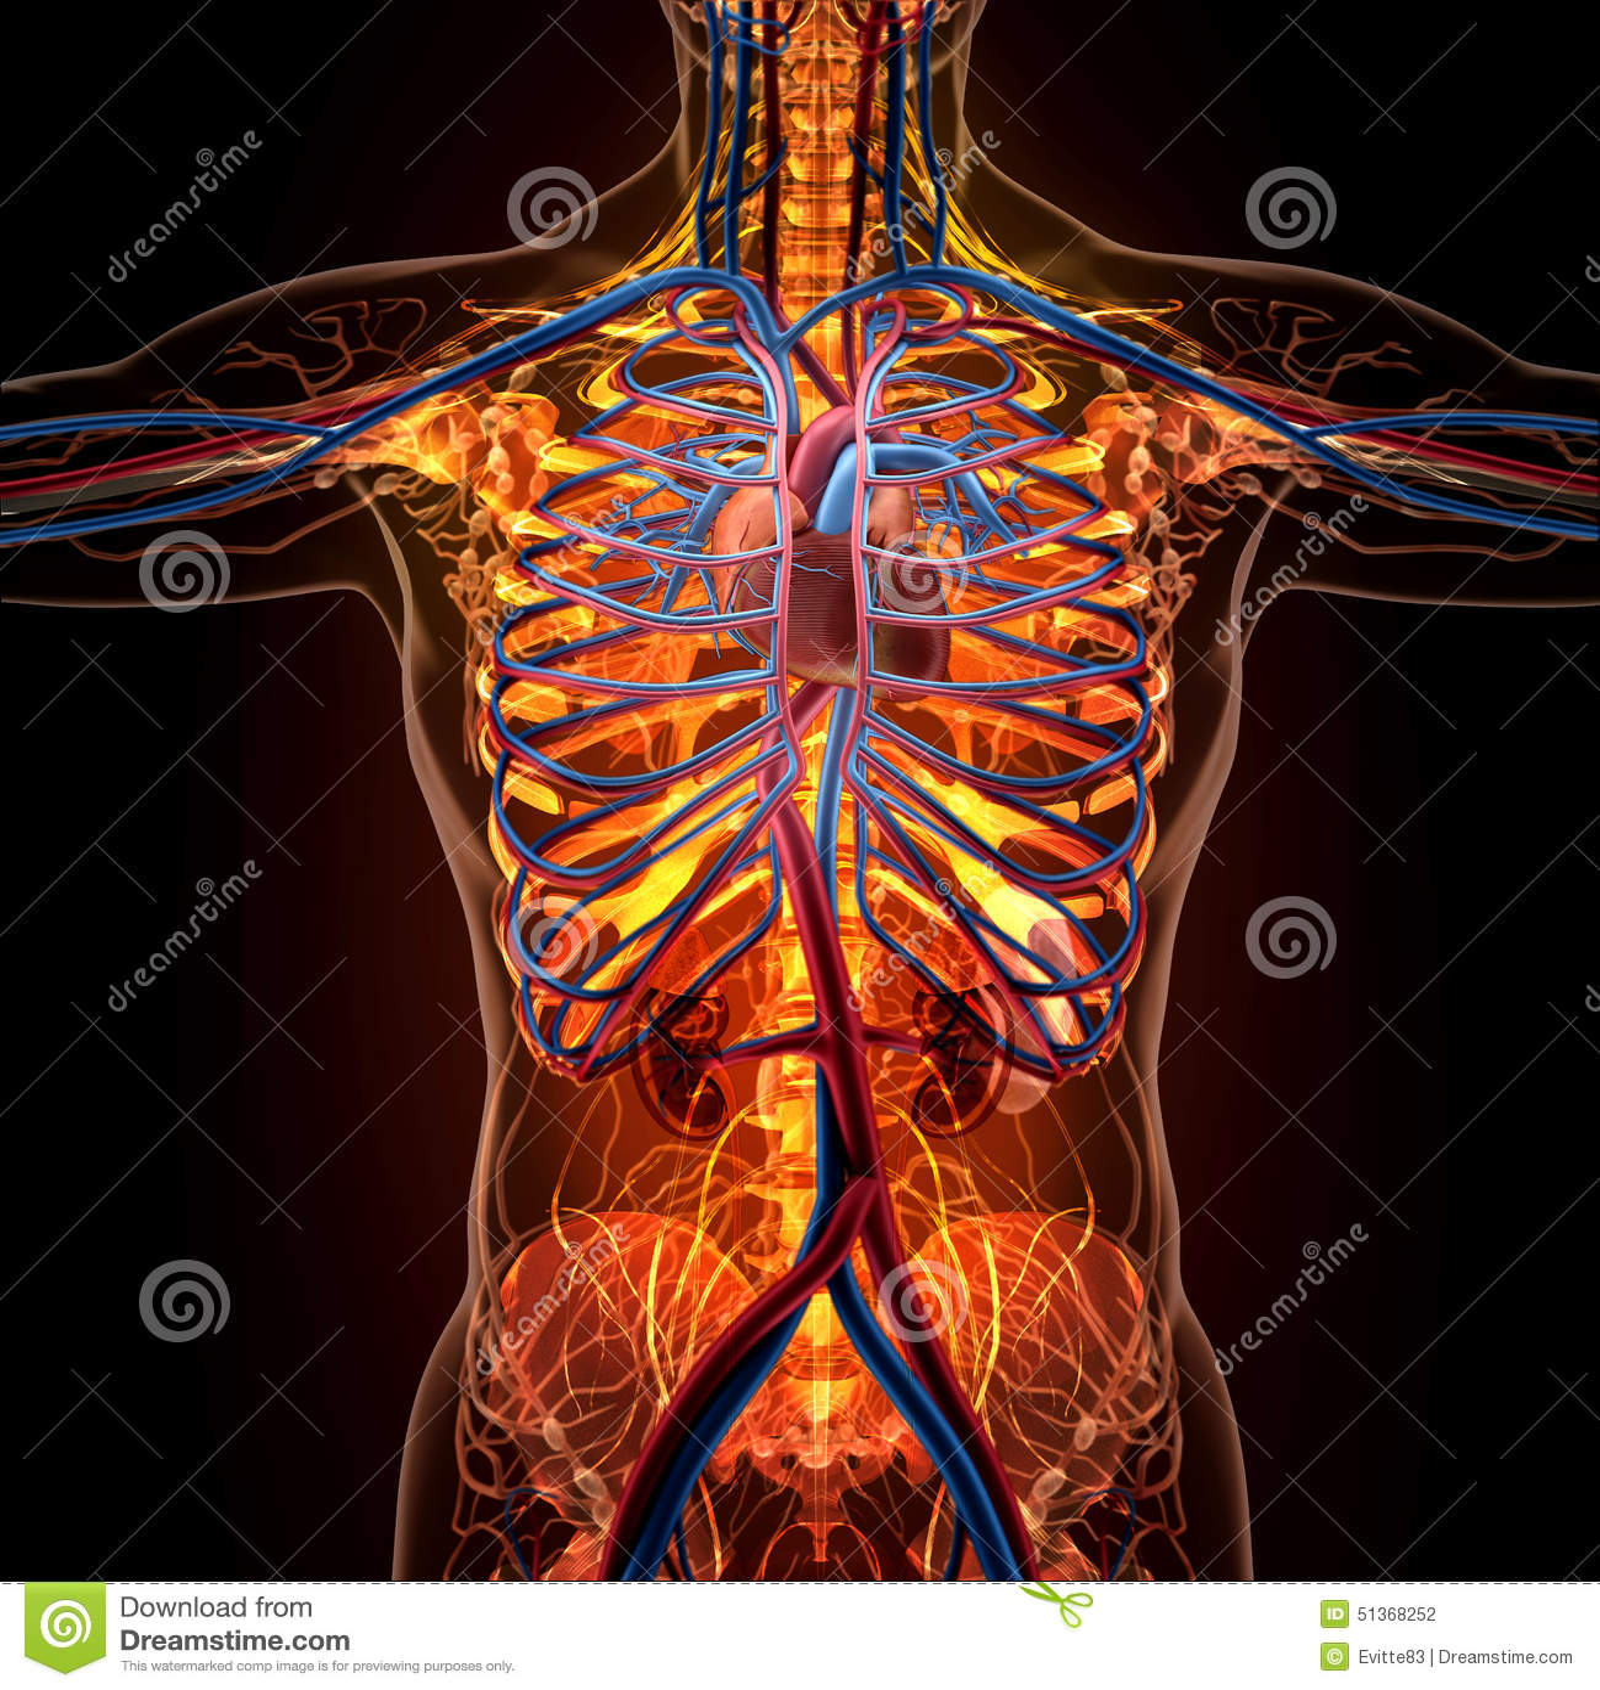 人体需要的六大营养